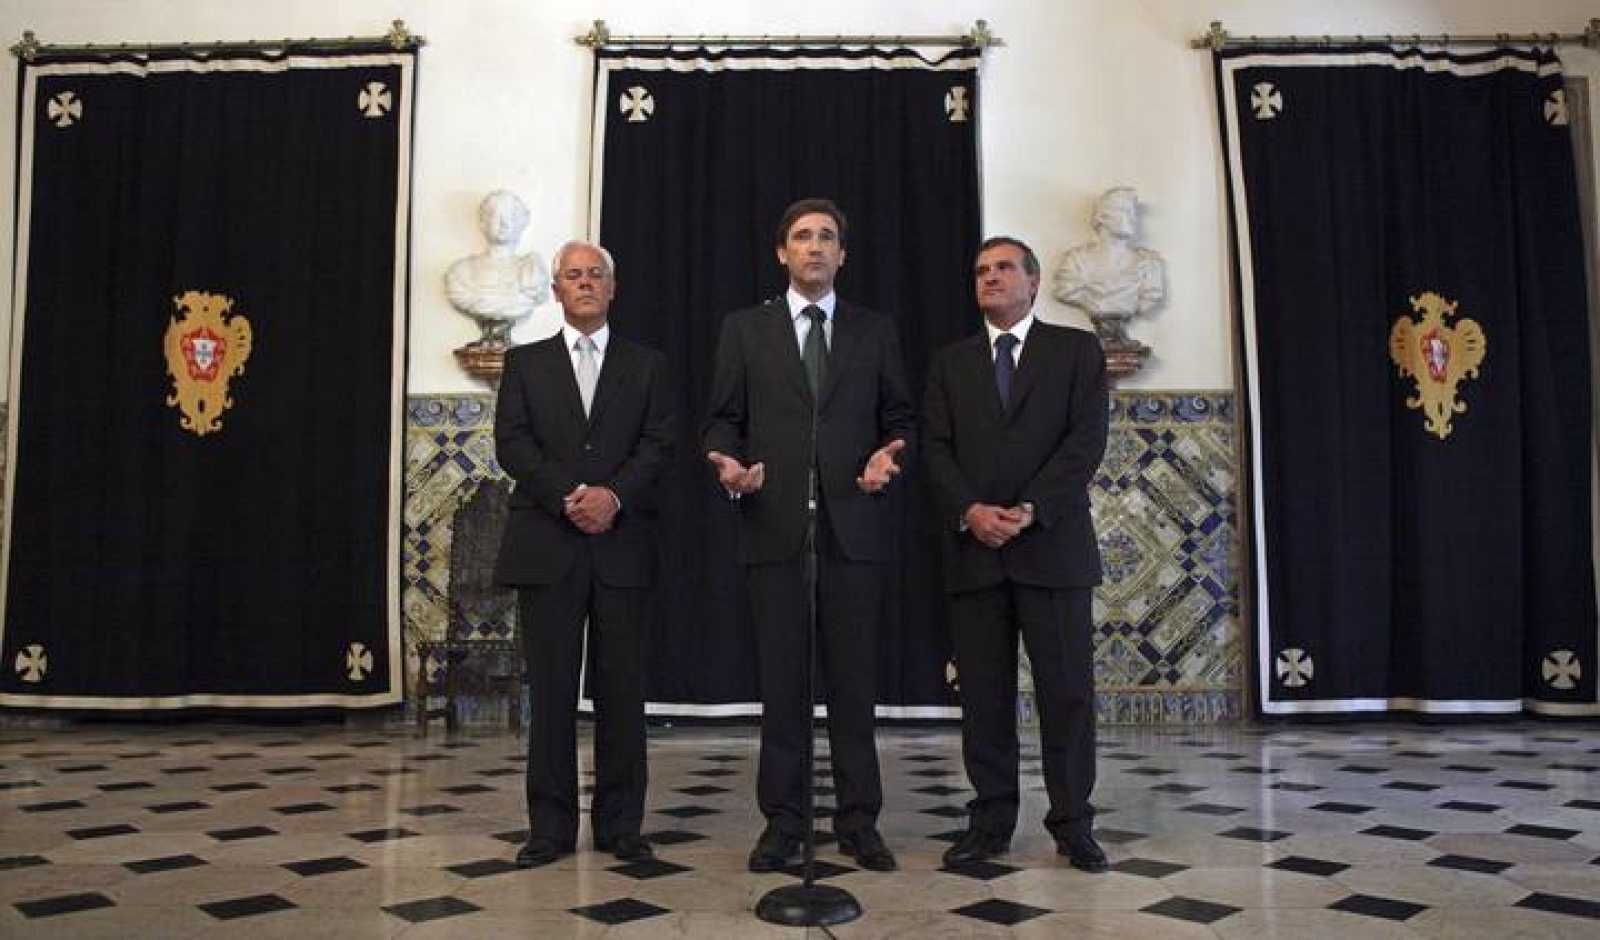 El presidente del Partido Social Demócrata luso, Pedro Passos Coelho, comparece en una rueda de prensa acompañado del secretario general de su partido, Miguel Relvas, y del líder parlamentario del PSD, Miguel Macedo